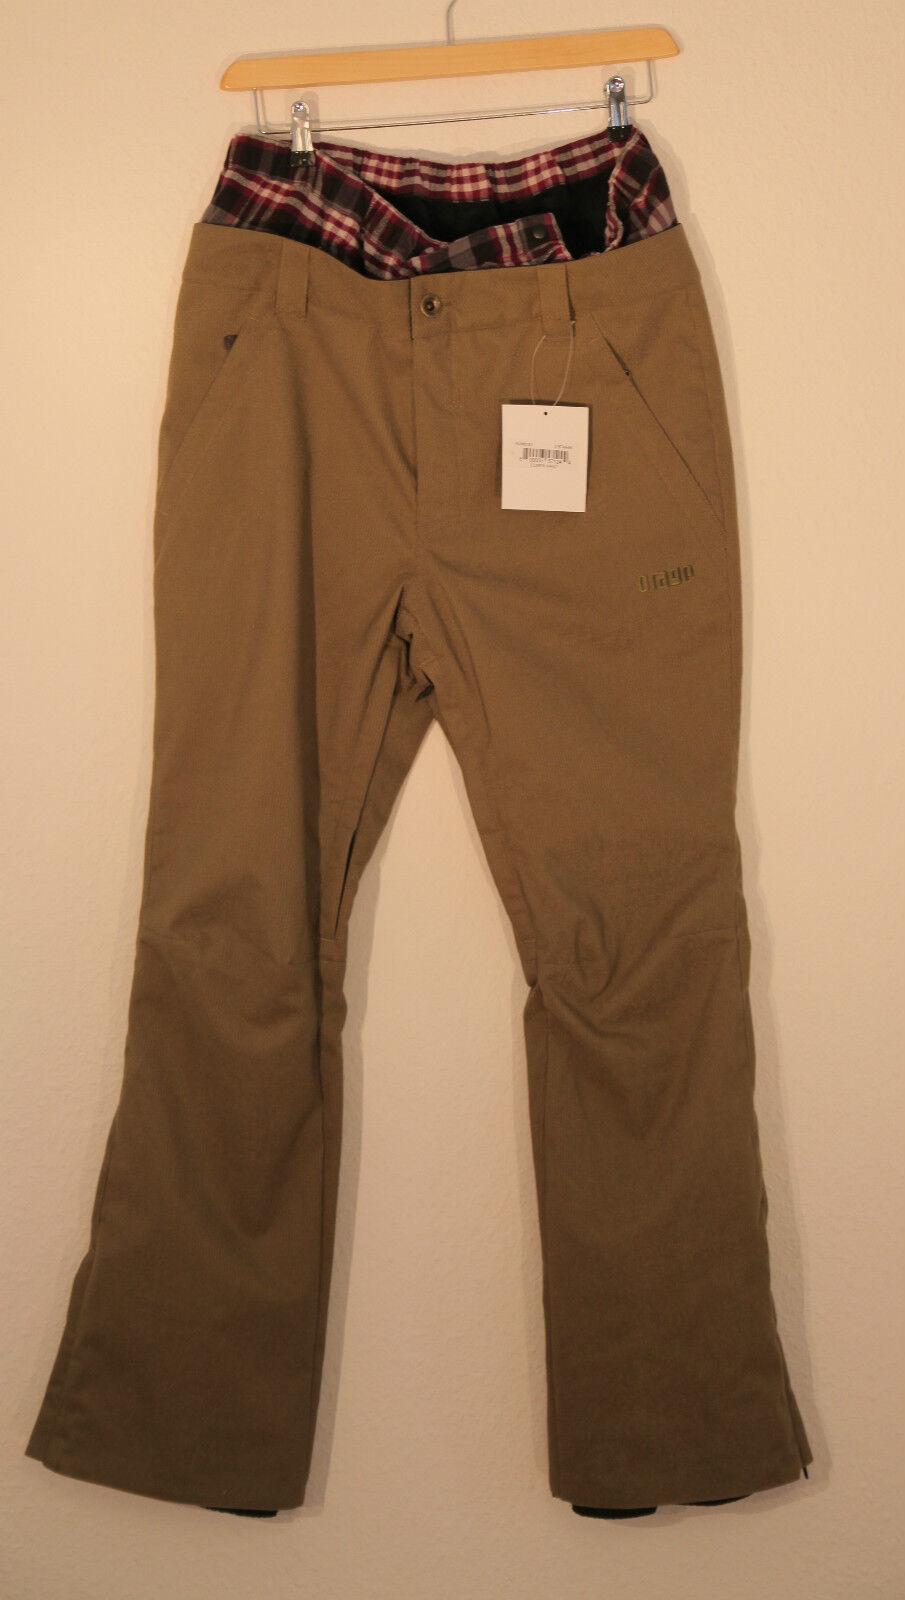 Pantalones de esquí estilo masculino, pantalones saltopettes Elmer caqui, Código L.